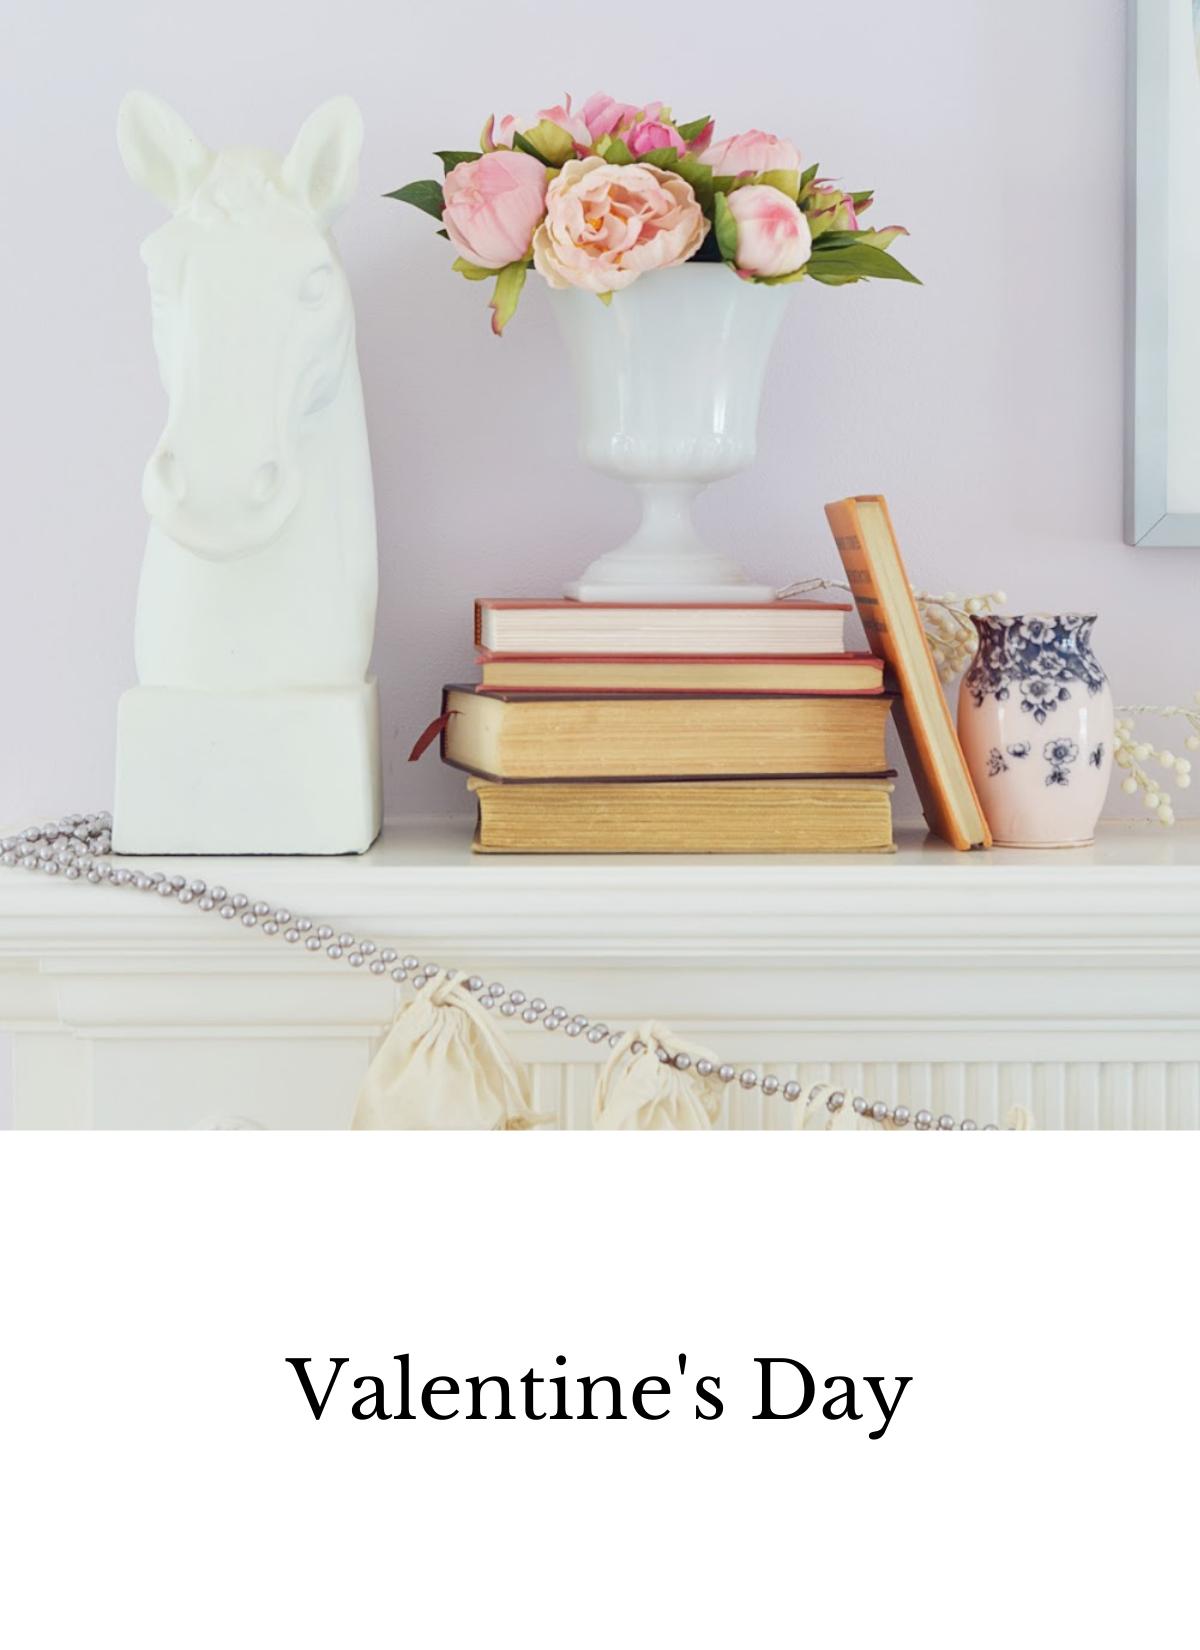 valentines day, valentines day decor ideas, valentines gift ideas